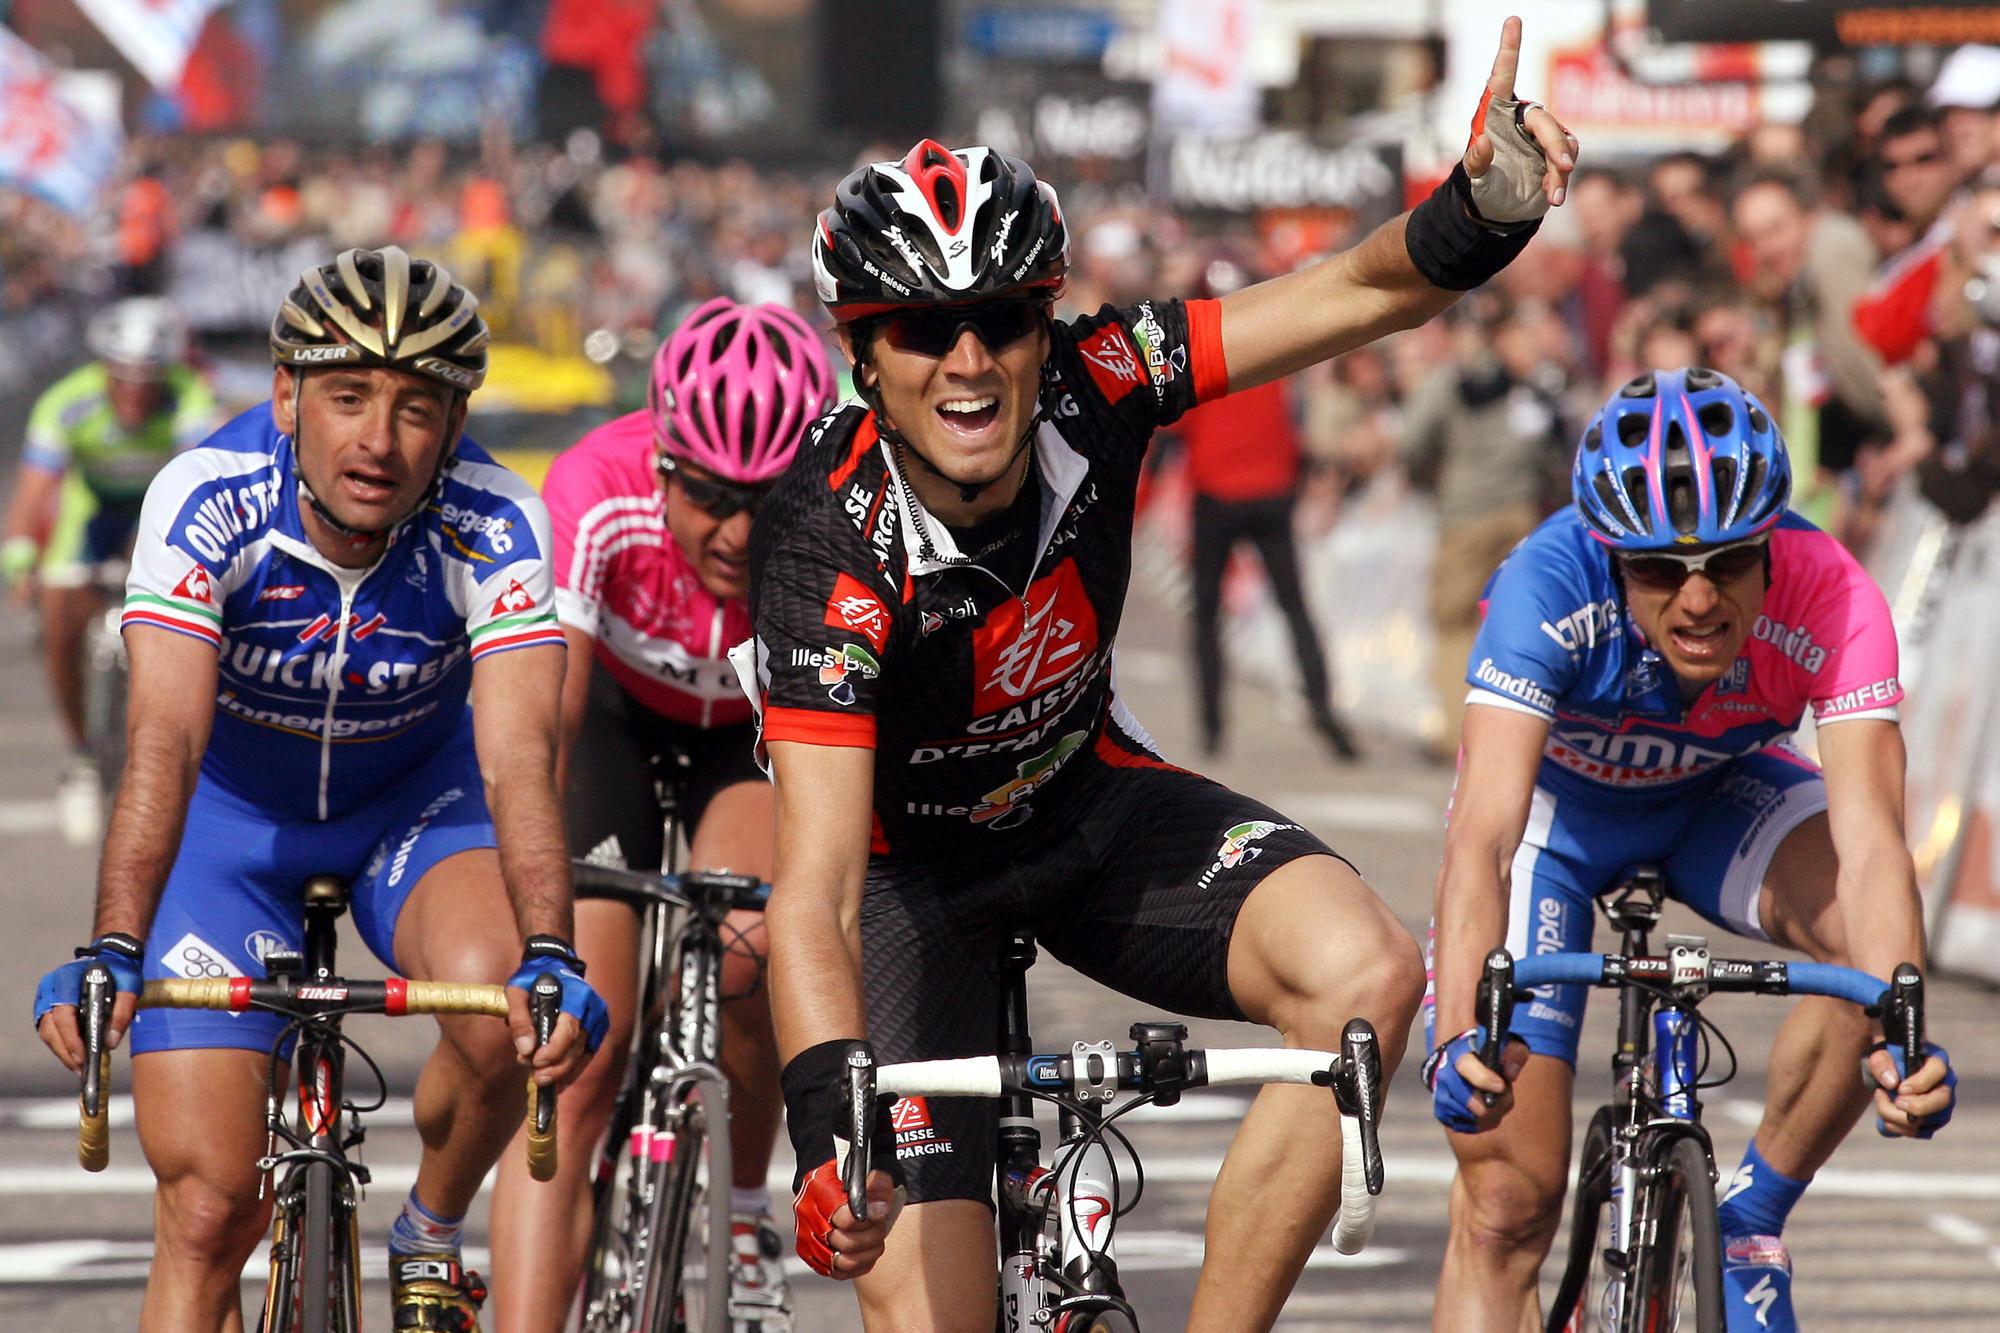 Première victoire à Liège-Bastogne-Liège pour Alejandro Valverde., belga